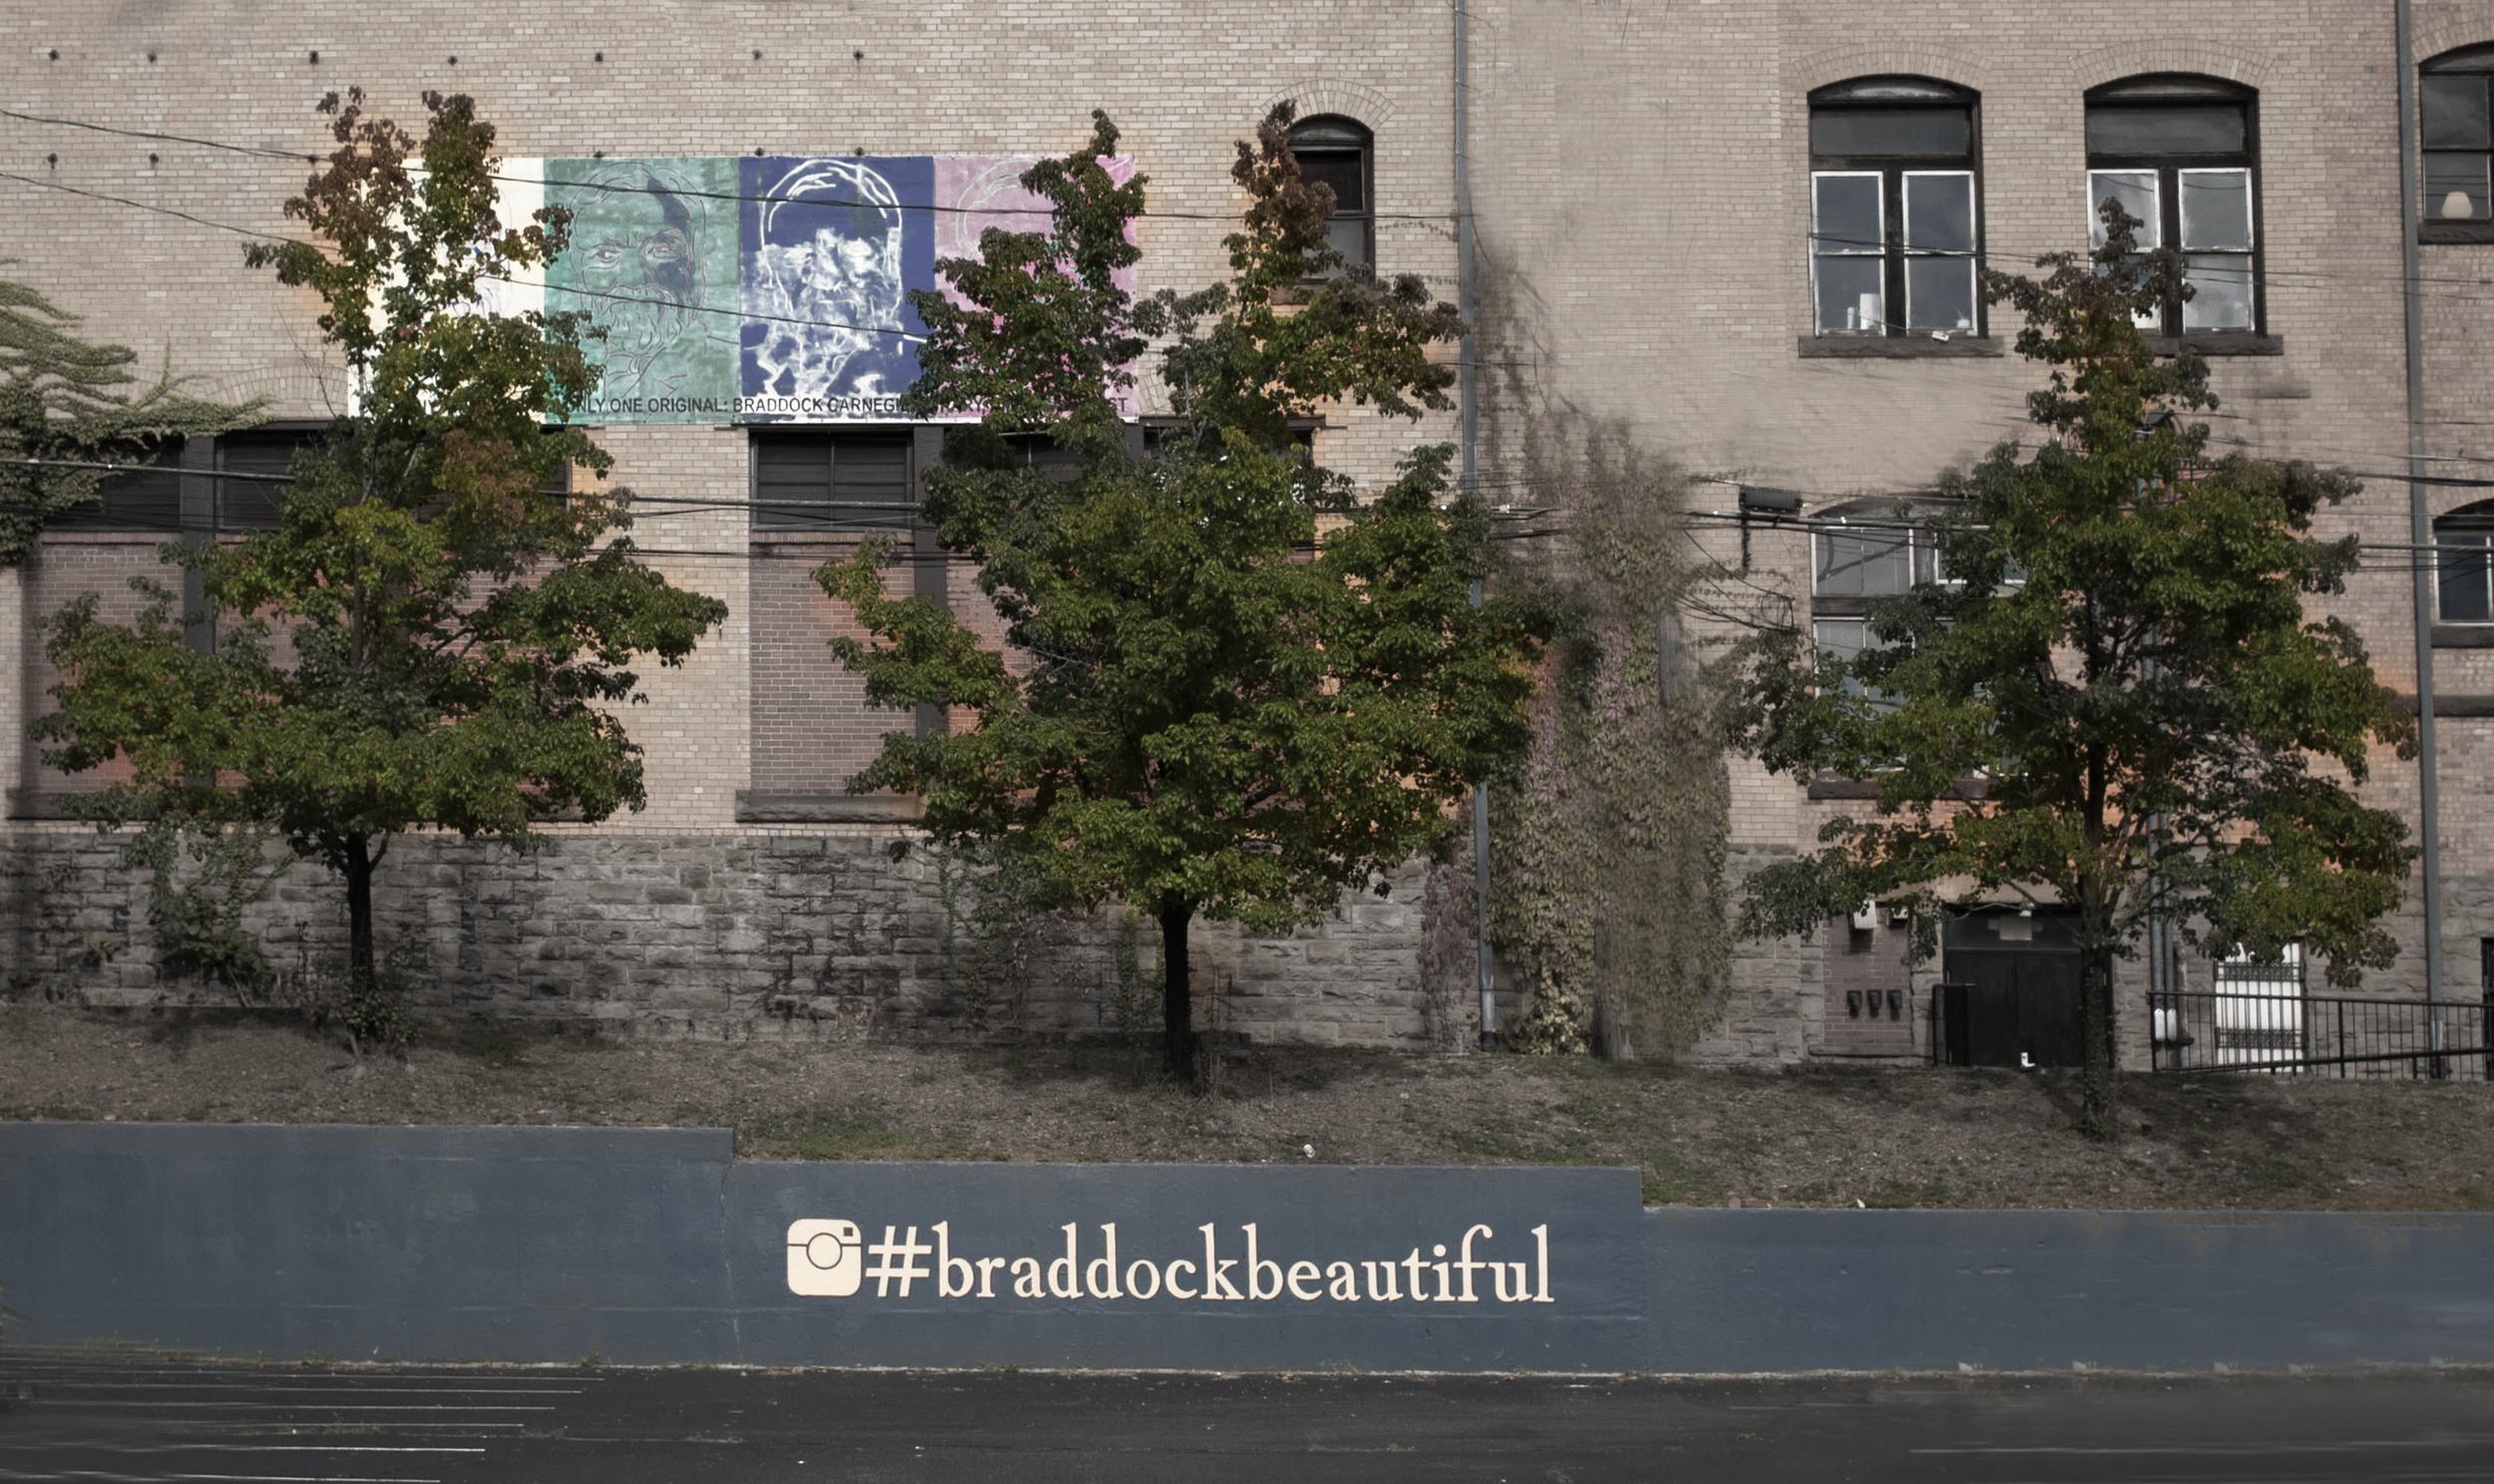 Braddock_is_beautiful.jpg